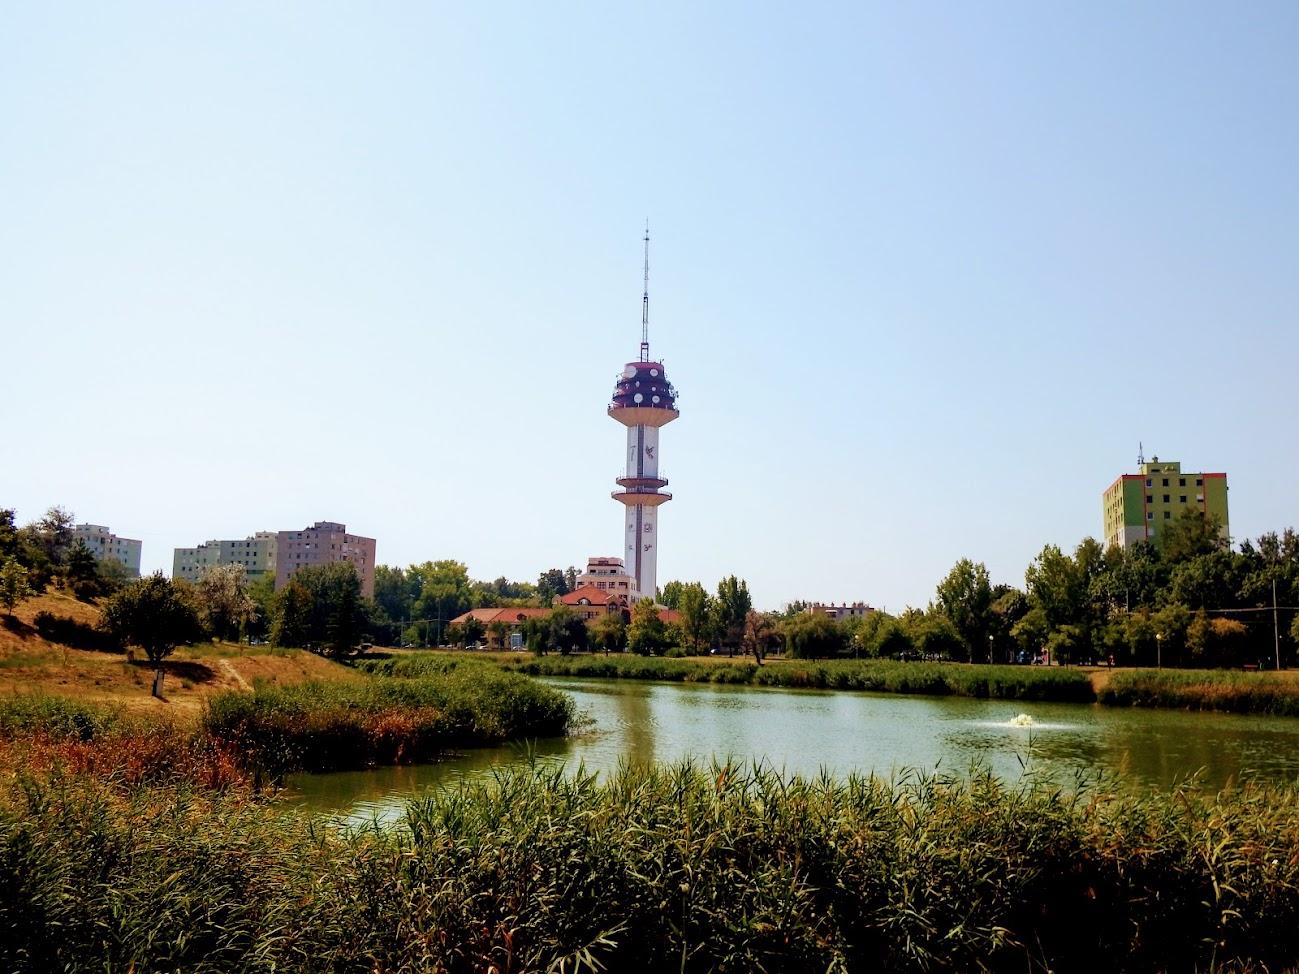 Szeged/Rókus, Telekom torony - helyi URH-FM+DVB-T adóállomás